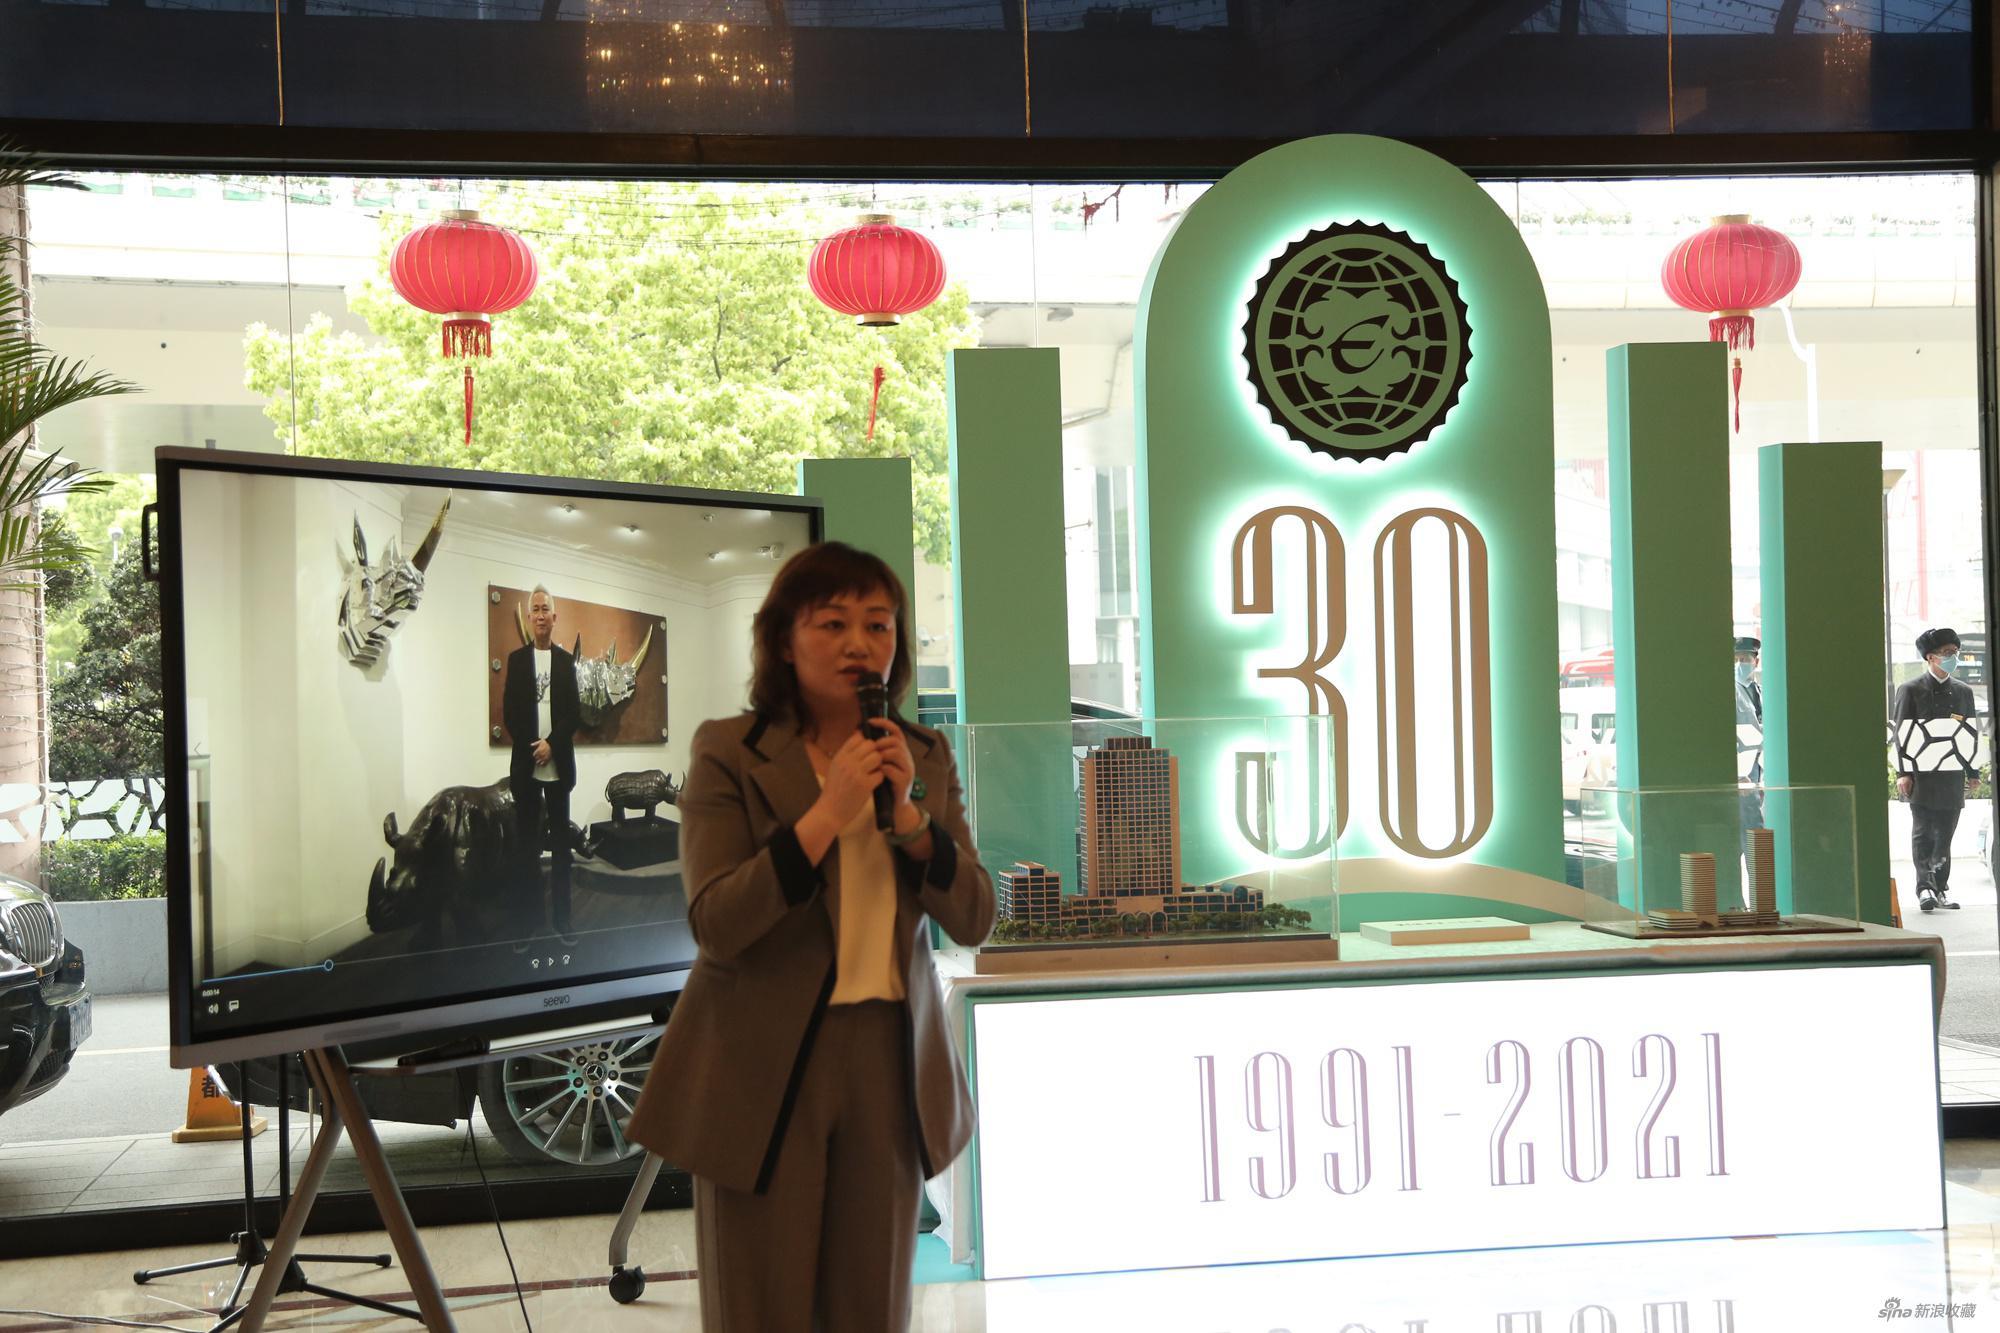 上海国际贵都大饭店总经理陈姝娜女士